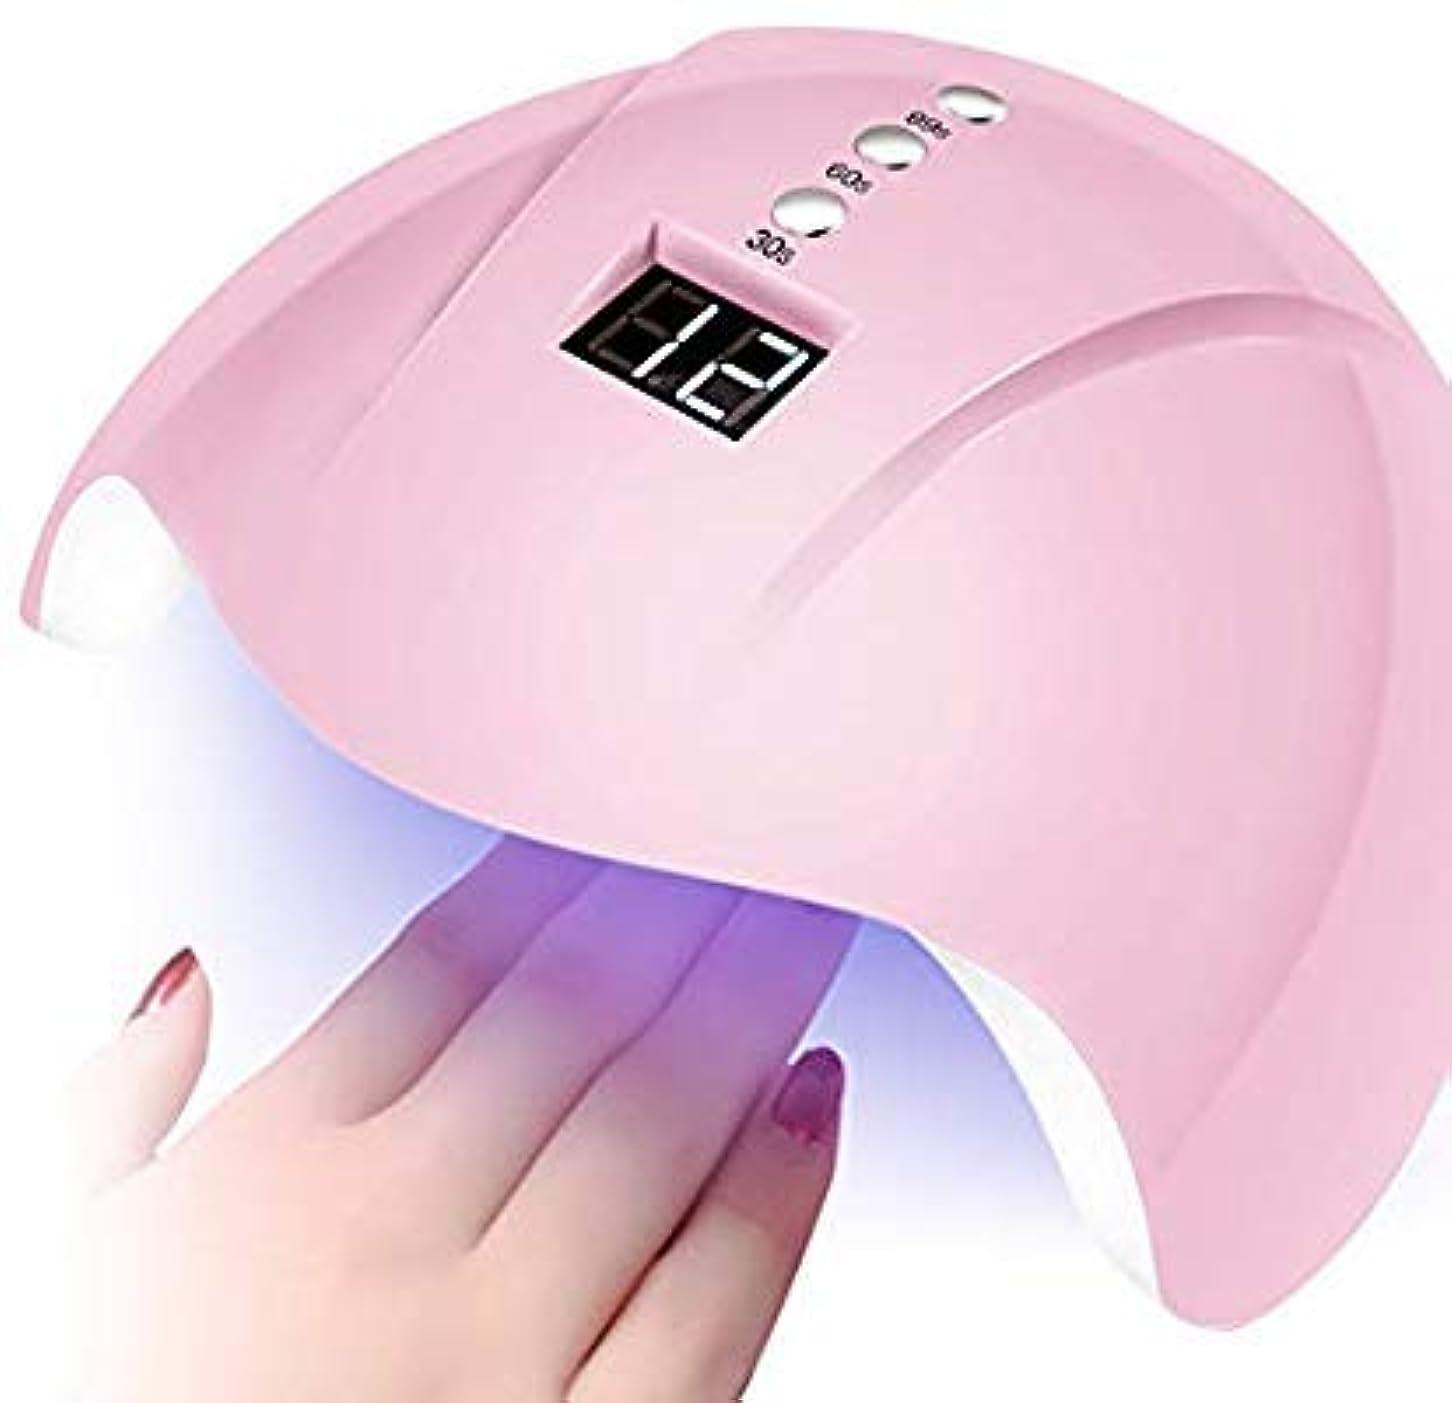 尊敬ピーク住むAdomi UV LED ネイルドライヤー 36W ハイパワー 3段階タイマー設定 赤外線検知 ジェルネイル硬化用ライト 12LED USB式 【12ヶ月品質保証】